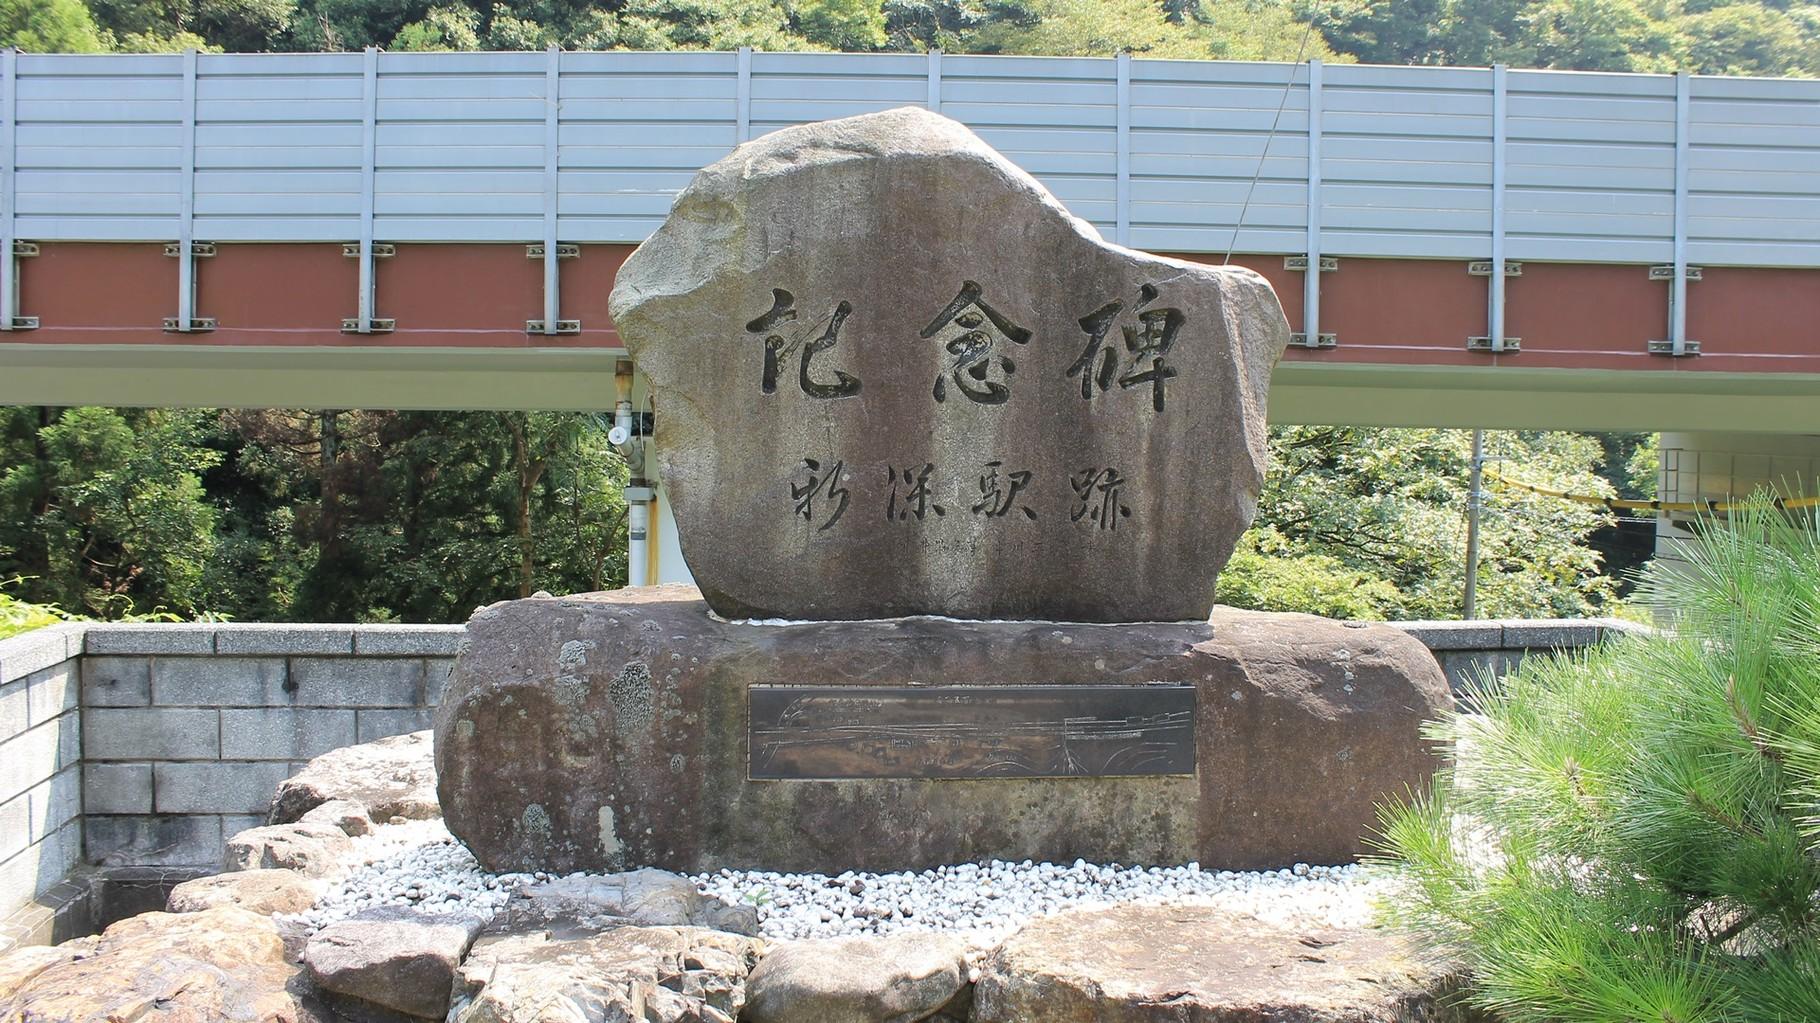 新保駅跡には、記念碑がある。